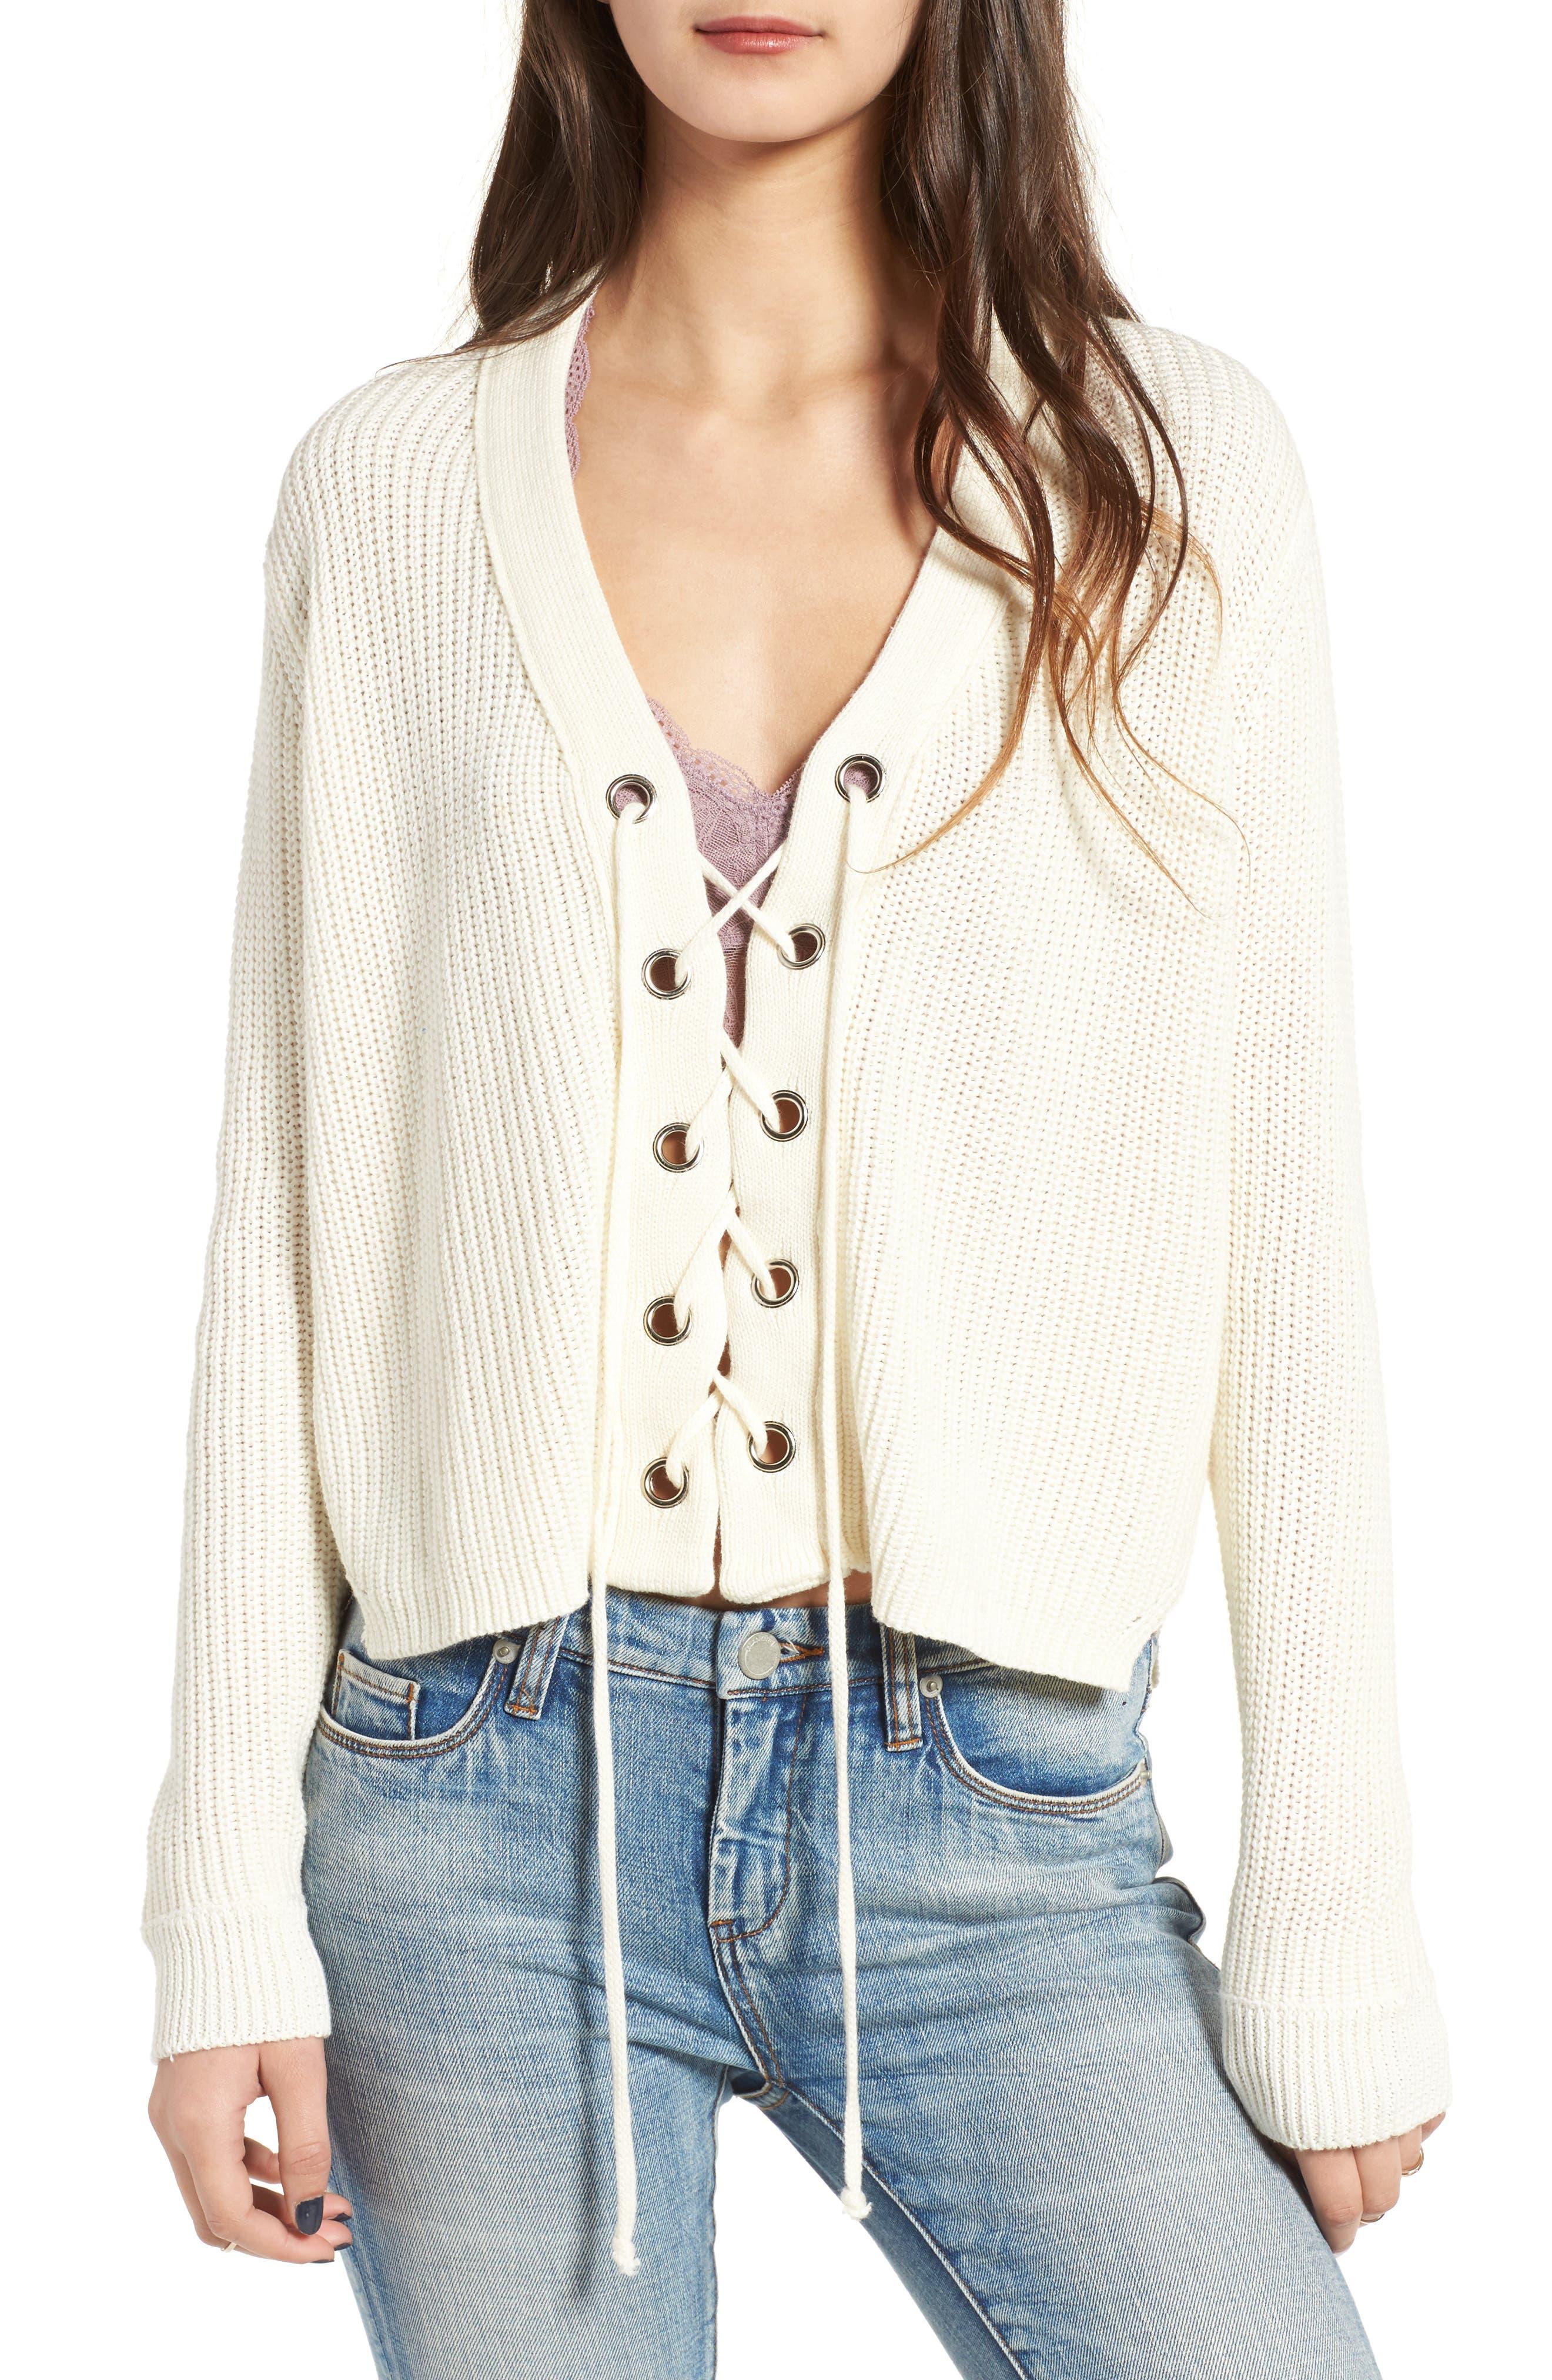 Main Image - Lush Lace-Up Sweater